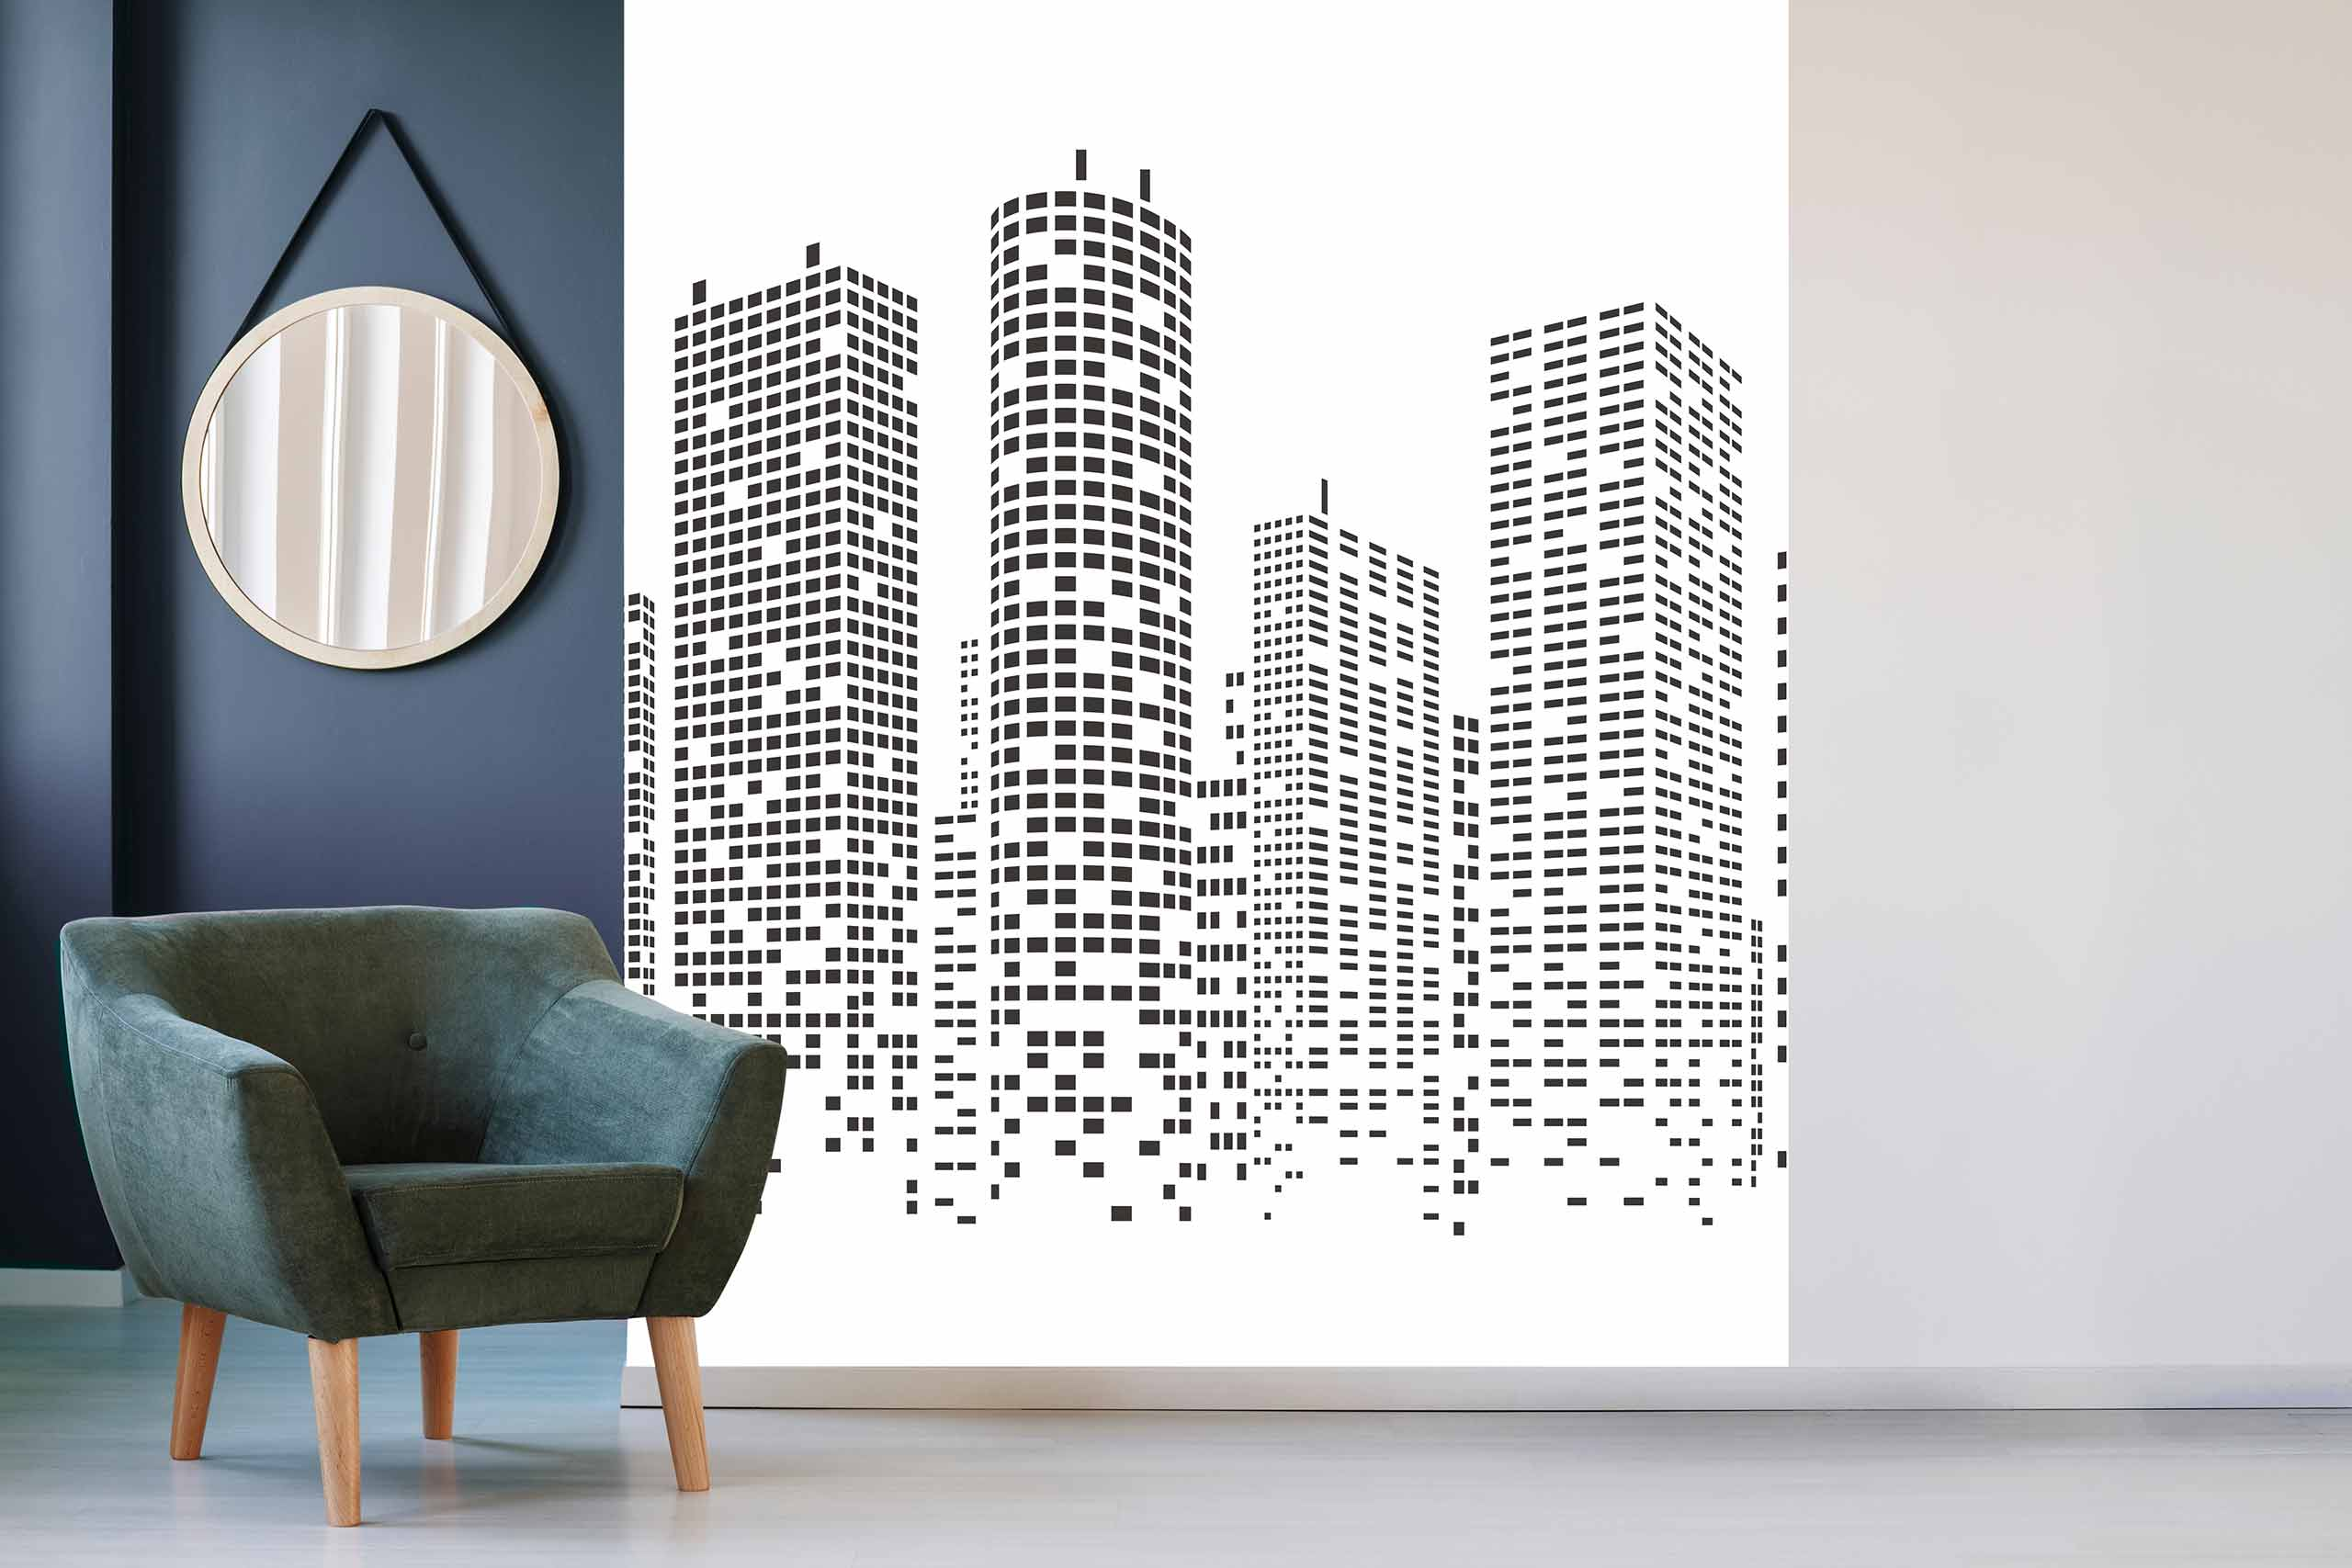 Vlies Tapete 225 Fototapete Höhe 250cm Motiv 125 Kunst